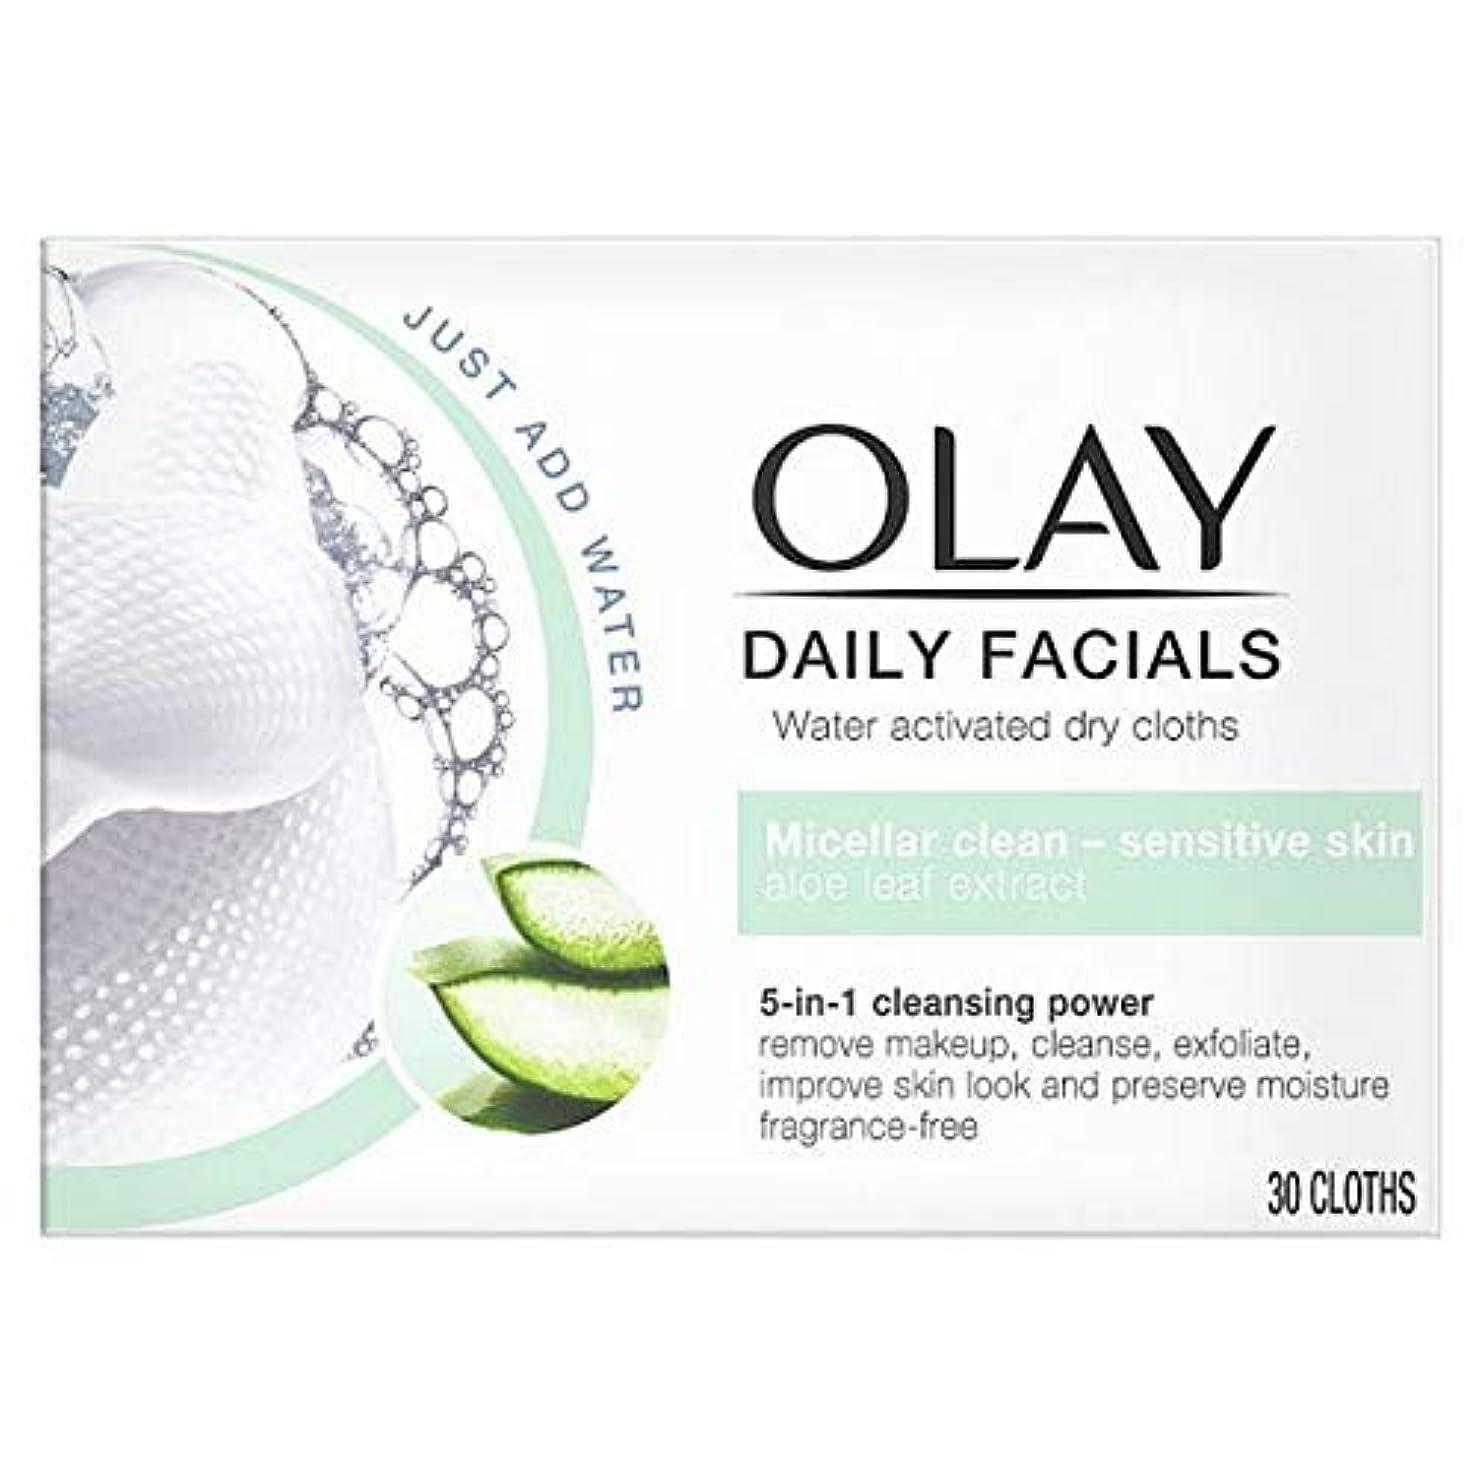 うま製油所複製する[Olay ] オーレイ毎日フェイシャル5-In1は乾燥布 - 敏感肌 - Olay Daily Facials 5-in1 Dry Cloths - Sensitive Skin [並行輸入品]